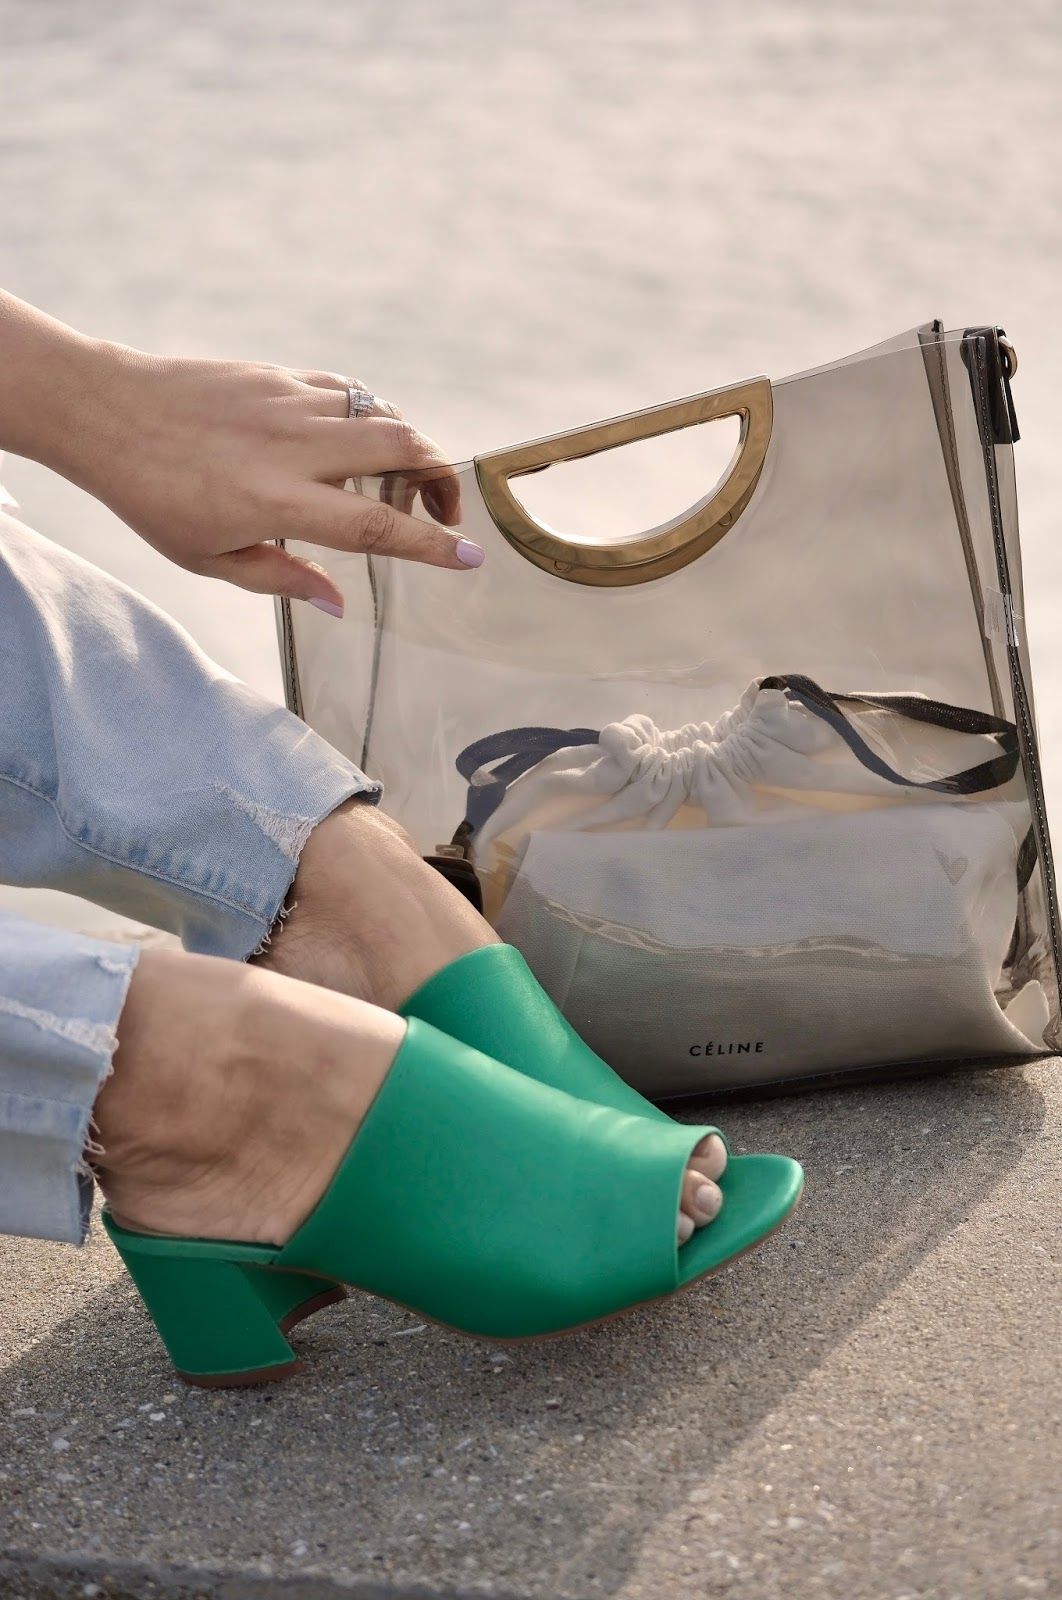 Celine clear bag